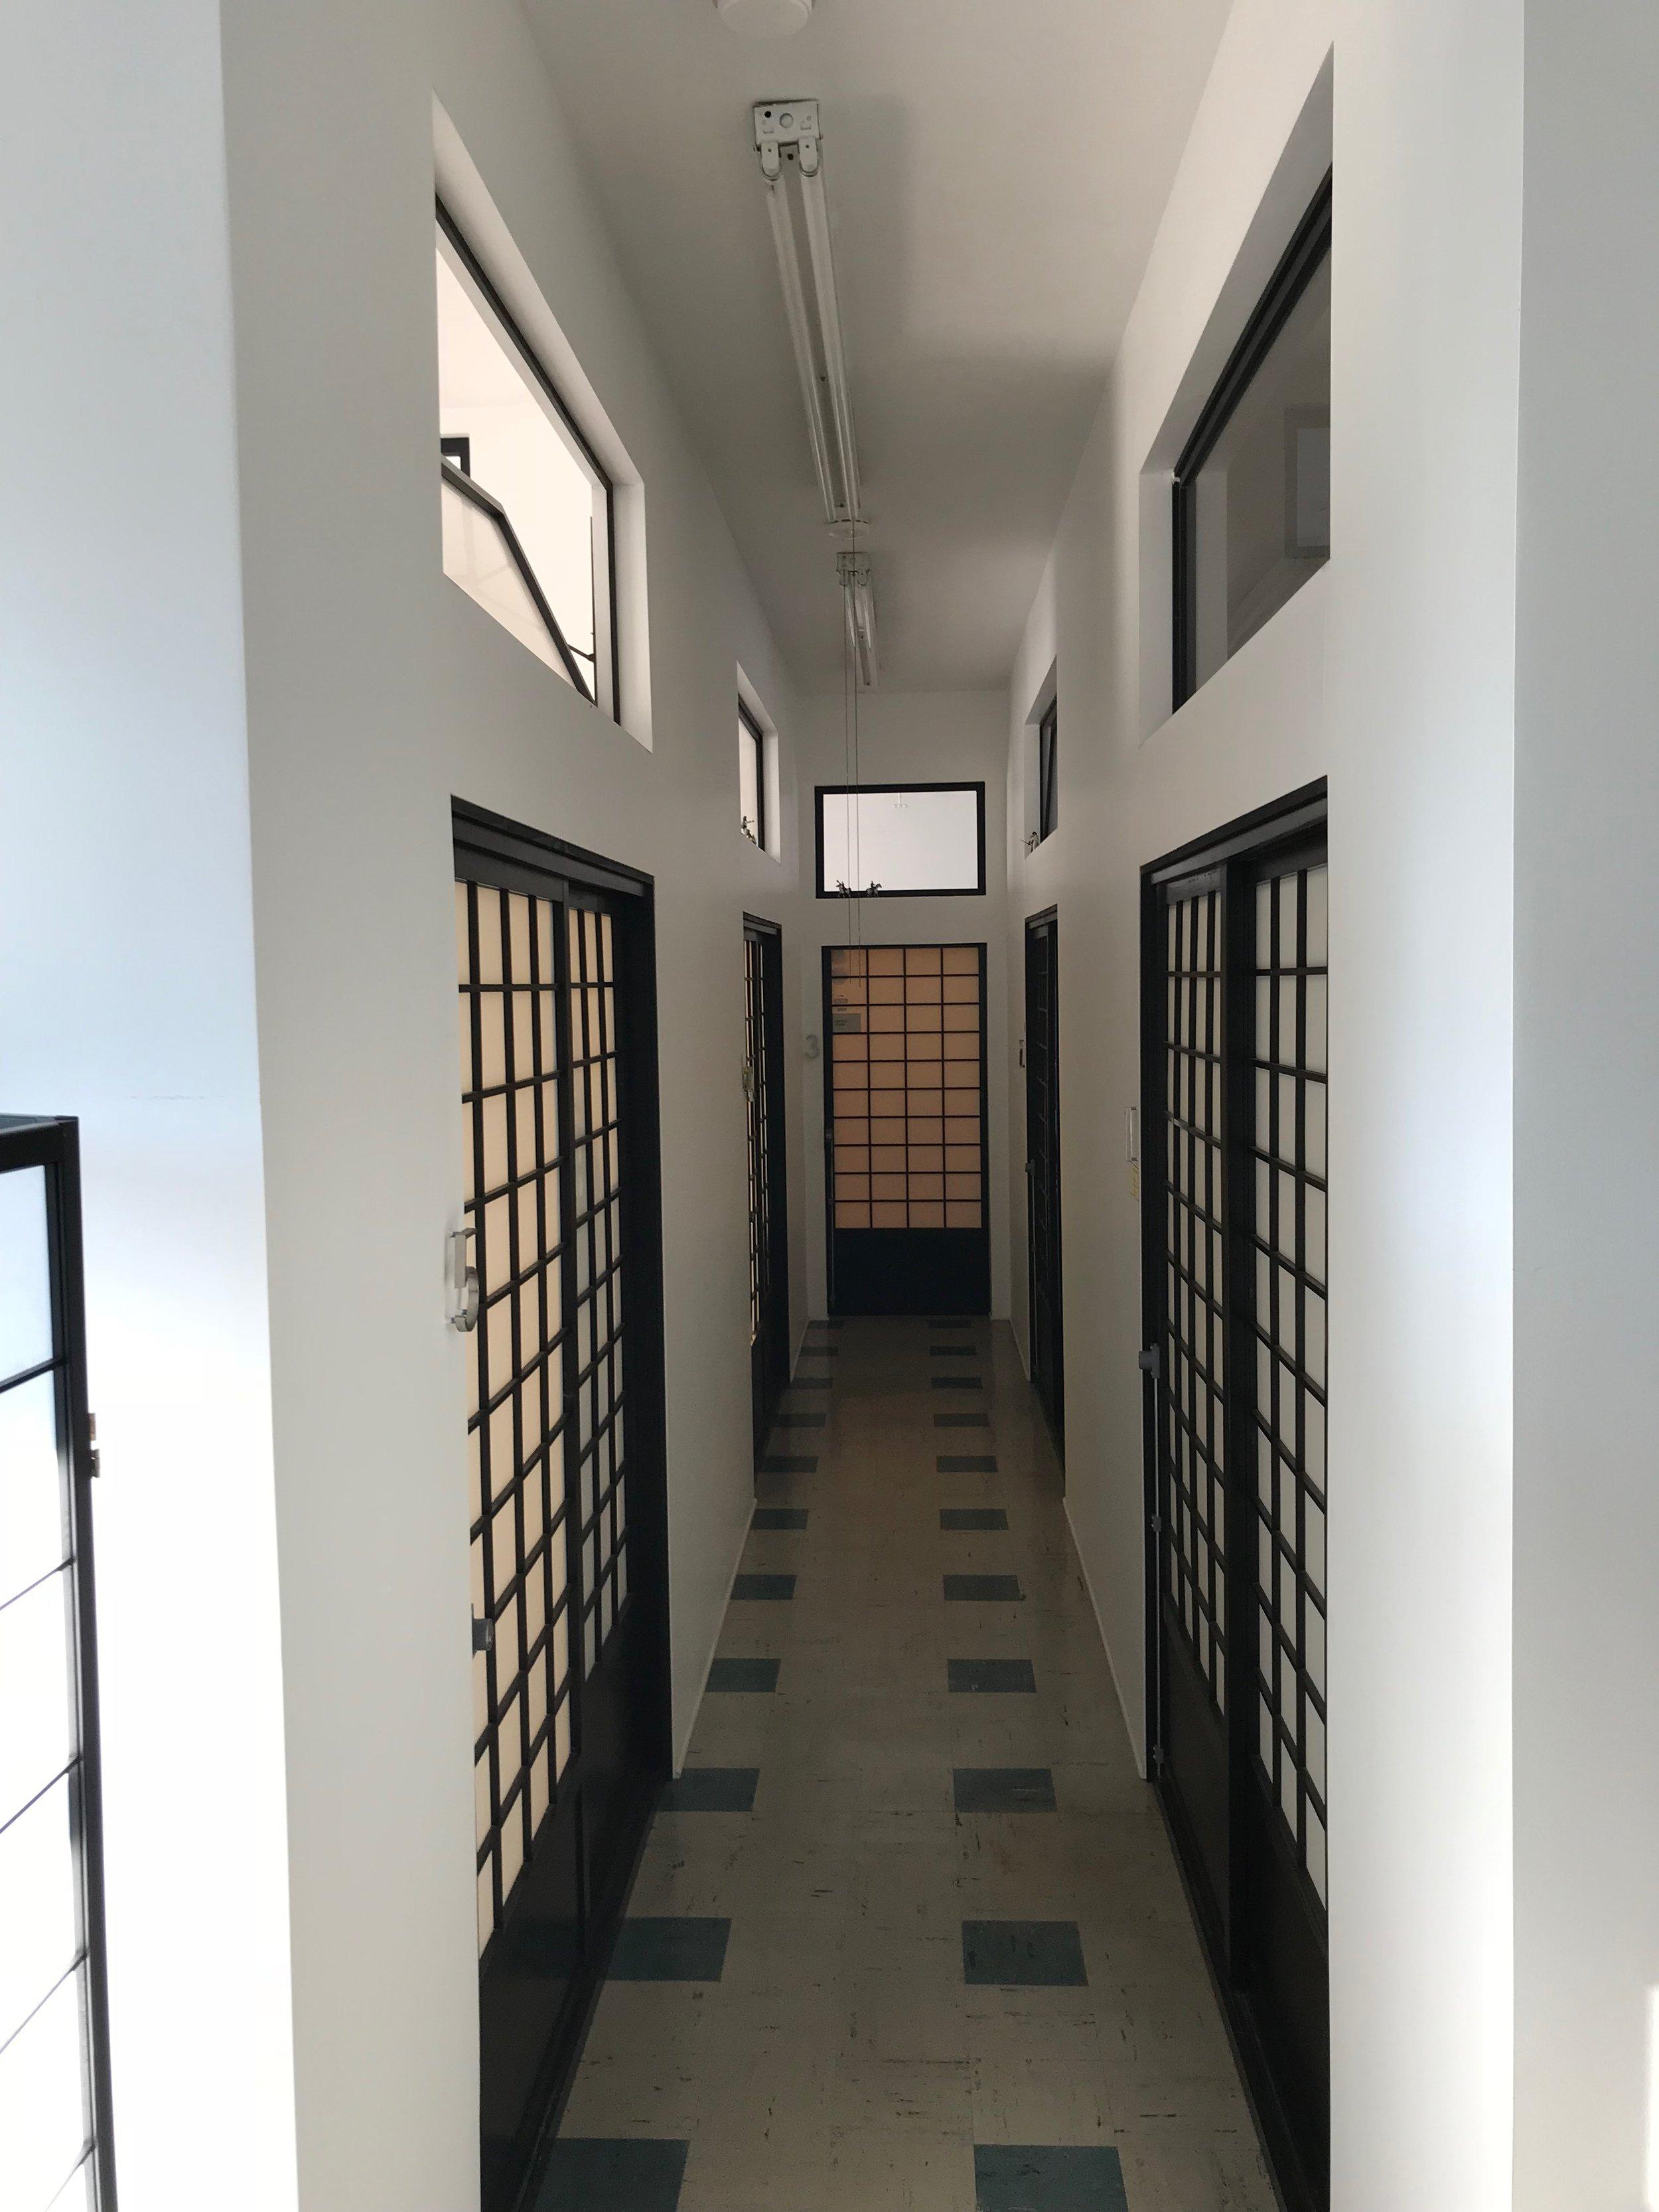 second floor office hallway.jpg